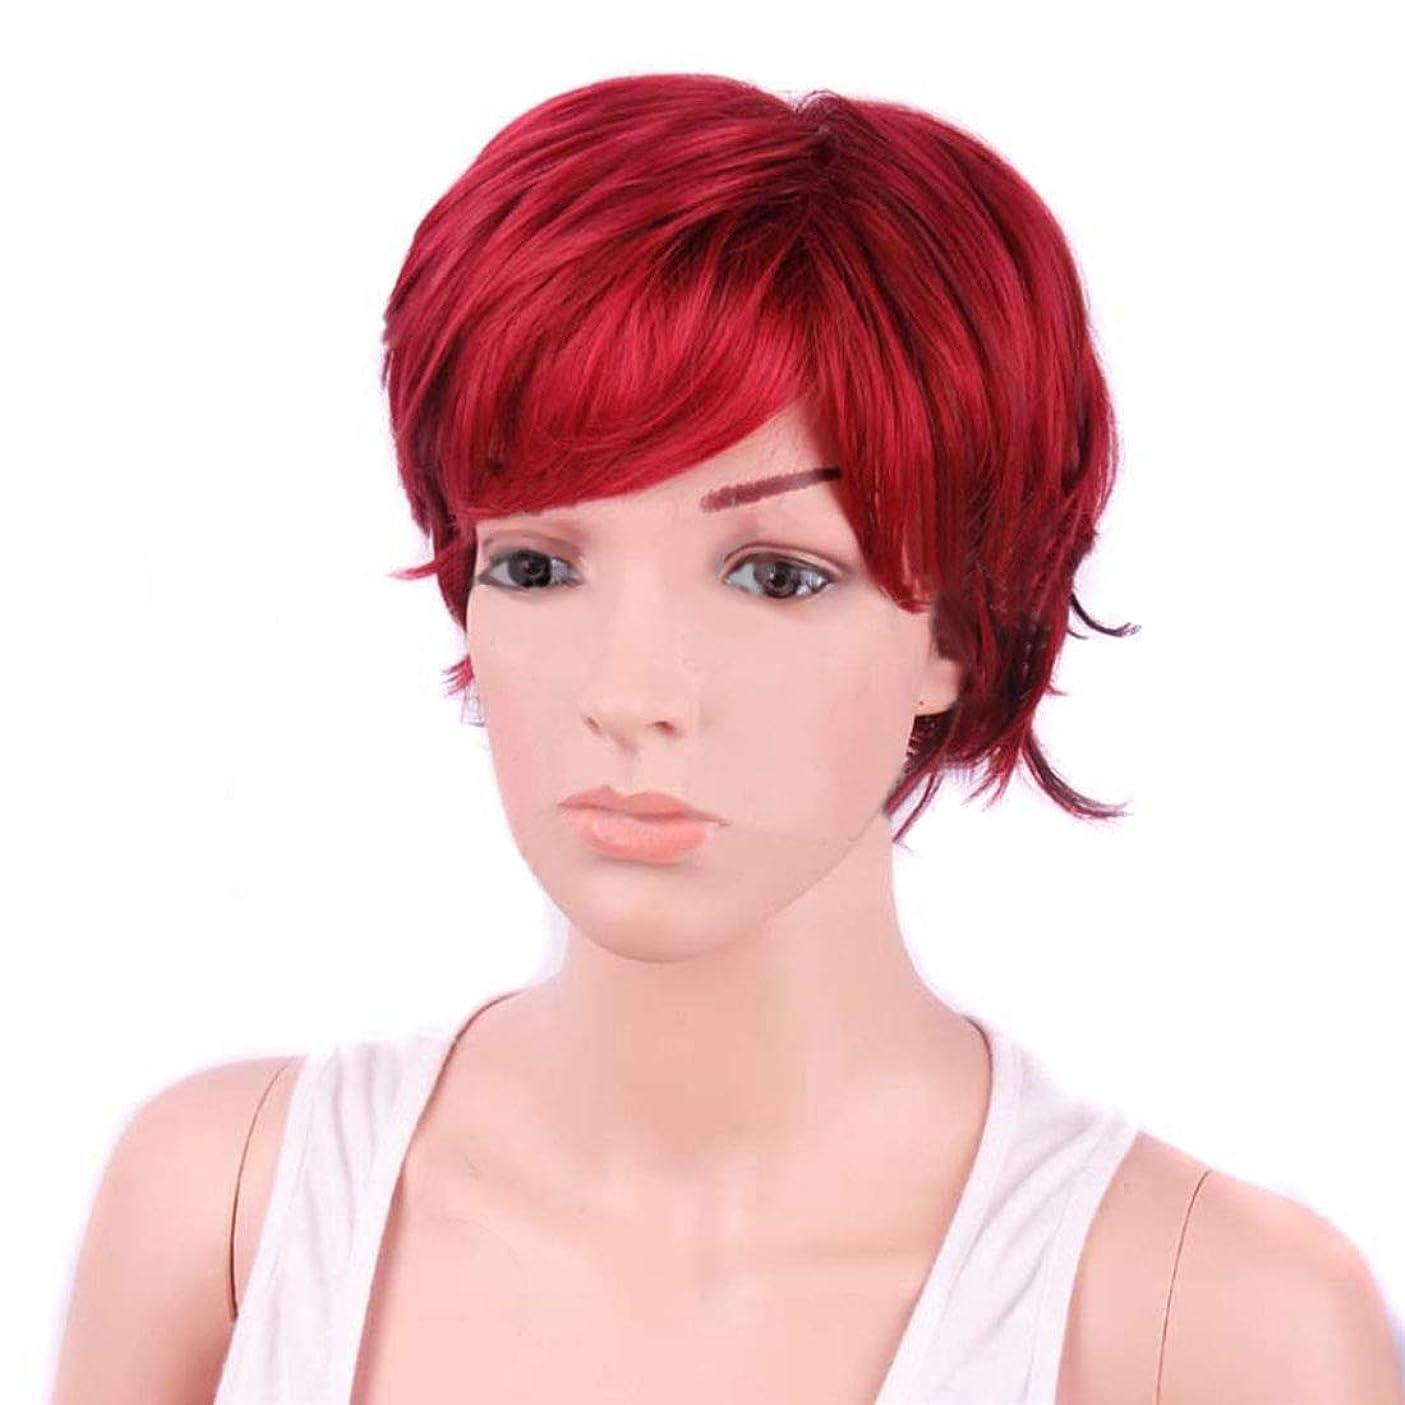 敬意アーク観点Yrattary ボボかつら女性用耐熱ウィッグ12インチ/ 9インチ短いテクスチャ部分的なかつら部分的なかつら前髪かつらファッションかつら (色 : ワインレッド)